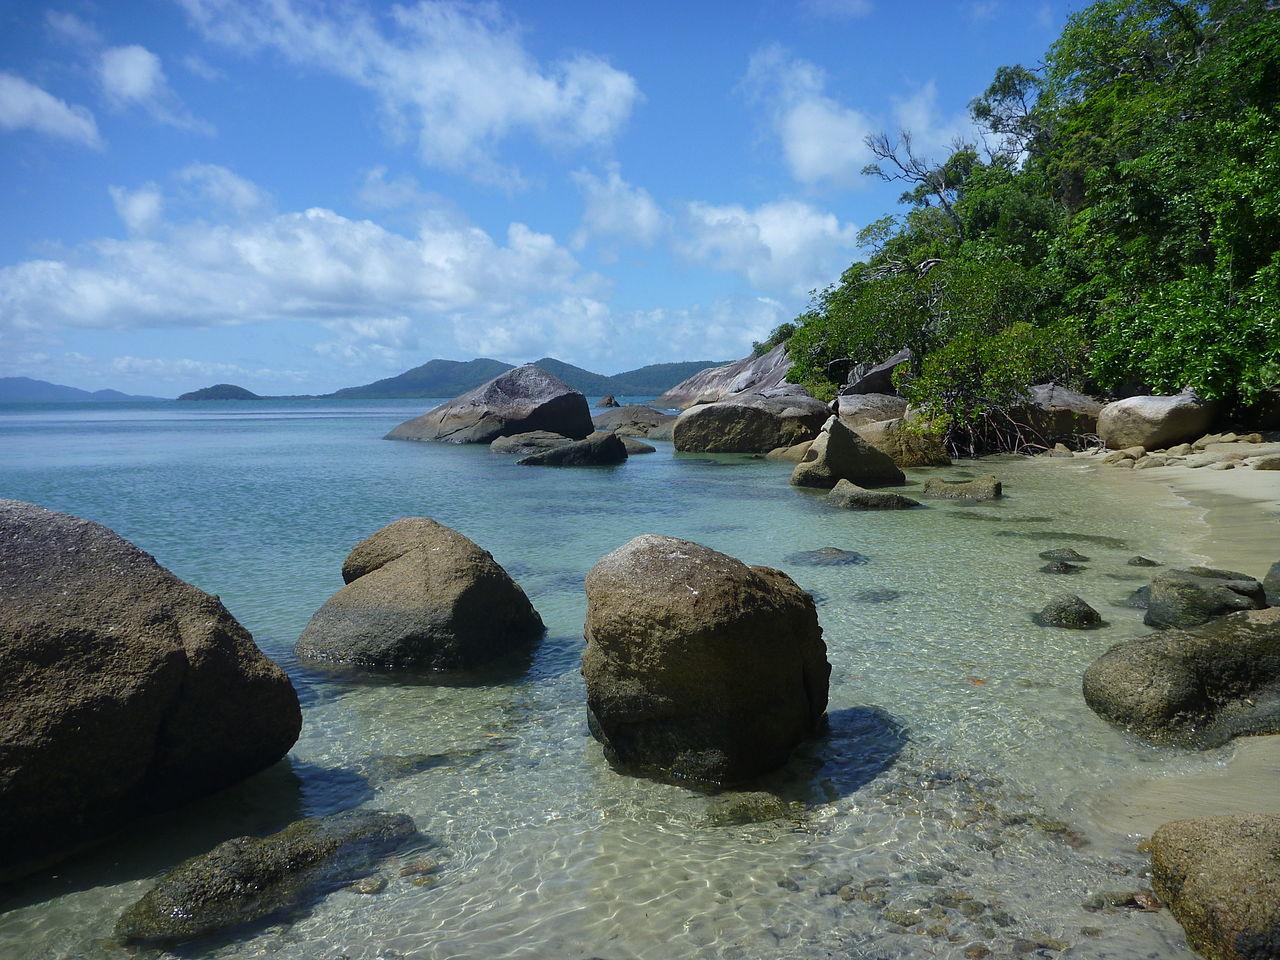 Bedarra Island: File:Coomool Bay, Bedarra Island.JPG